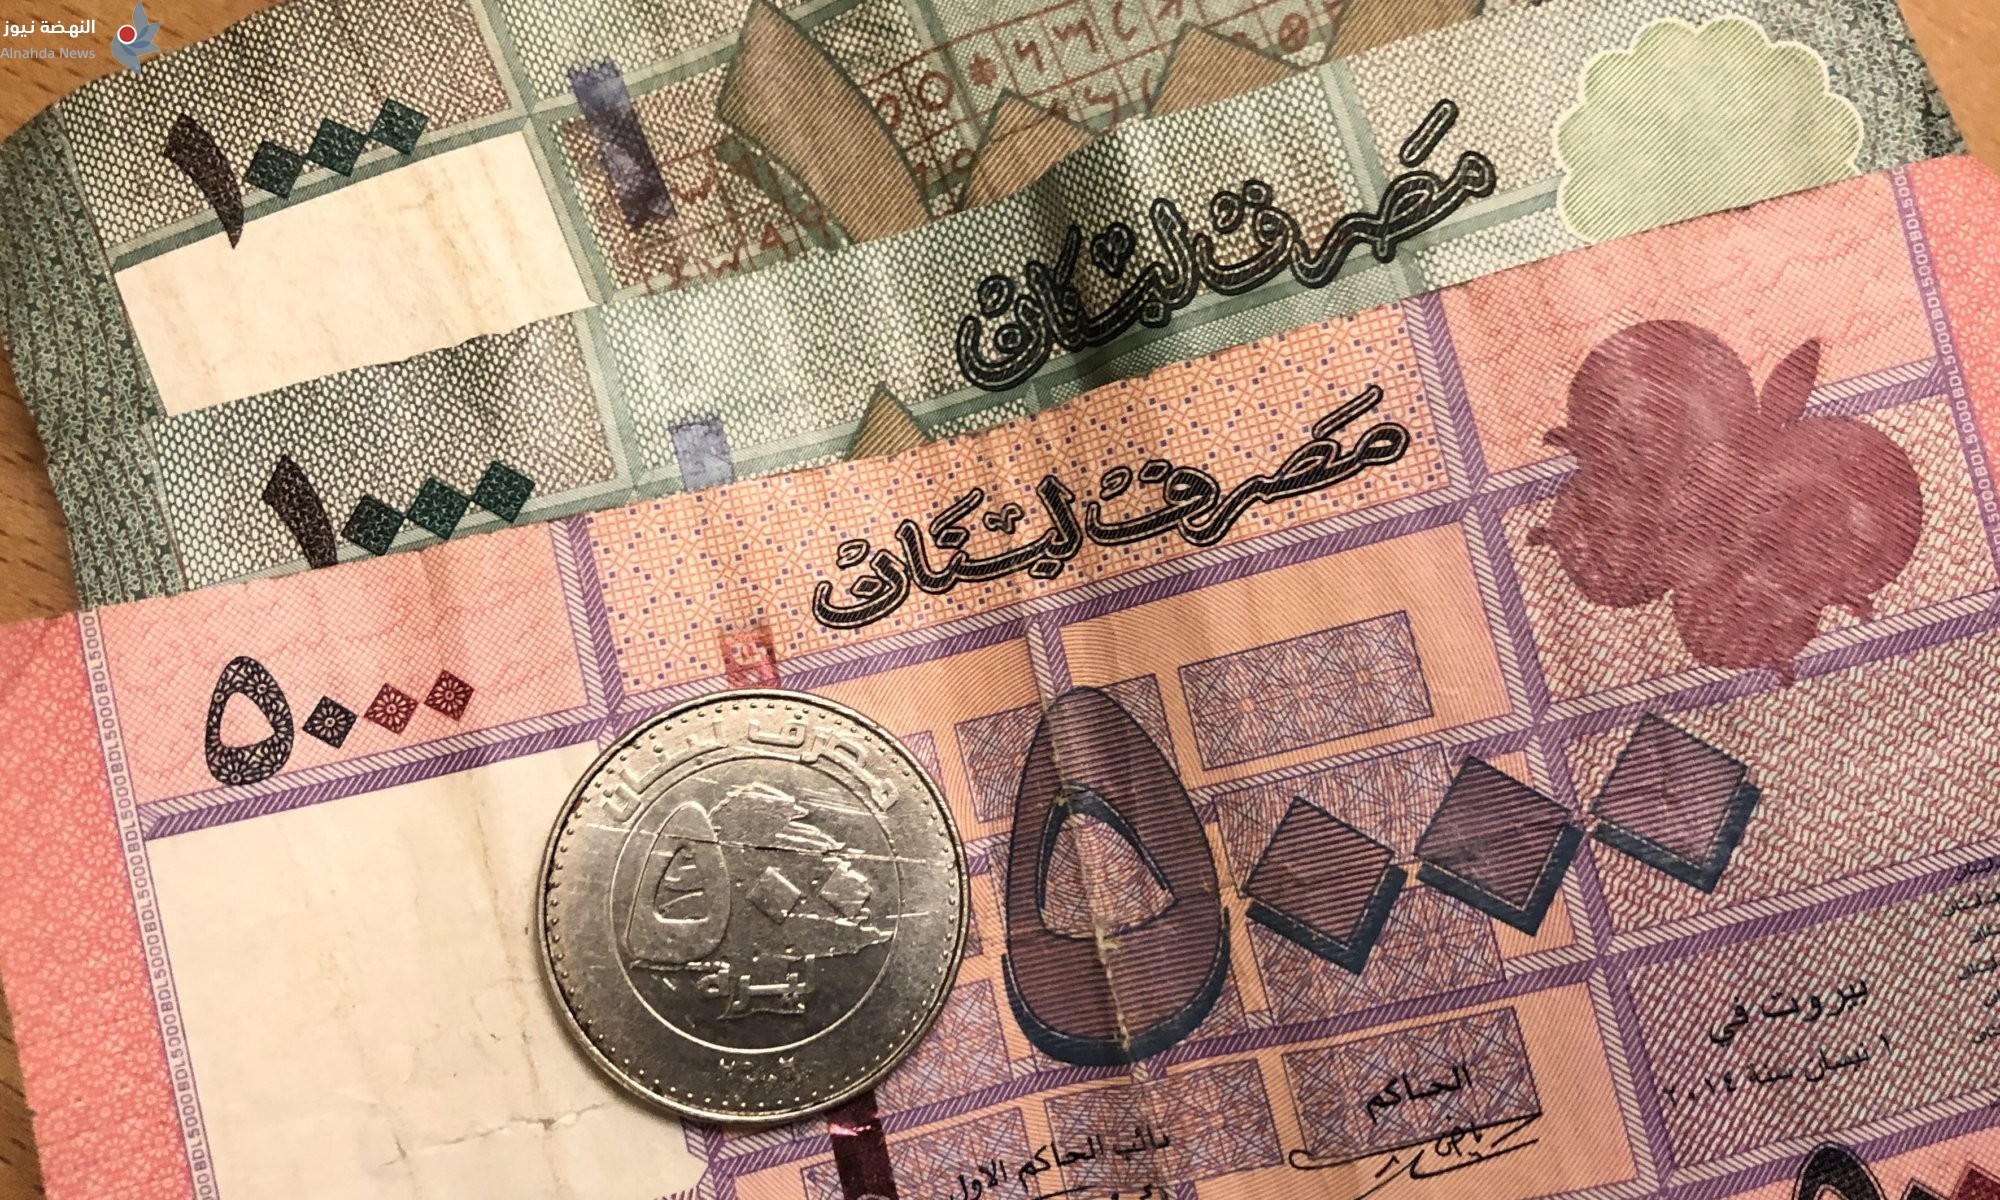 إليكم سعر الليرة اللبنانية مقابل الدولار في السوق السوداء اليوم السبت 18/7/2020 سعر الدولار في لبنان لدى الصرافين